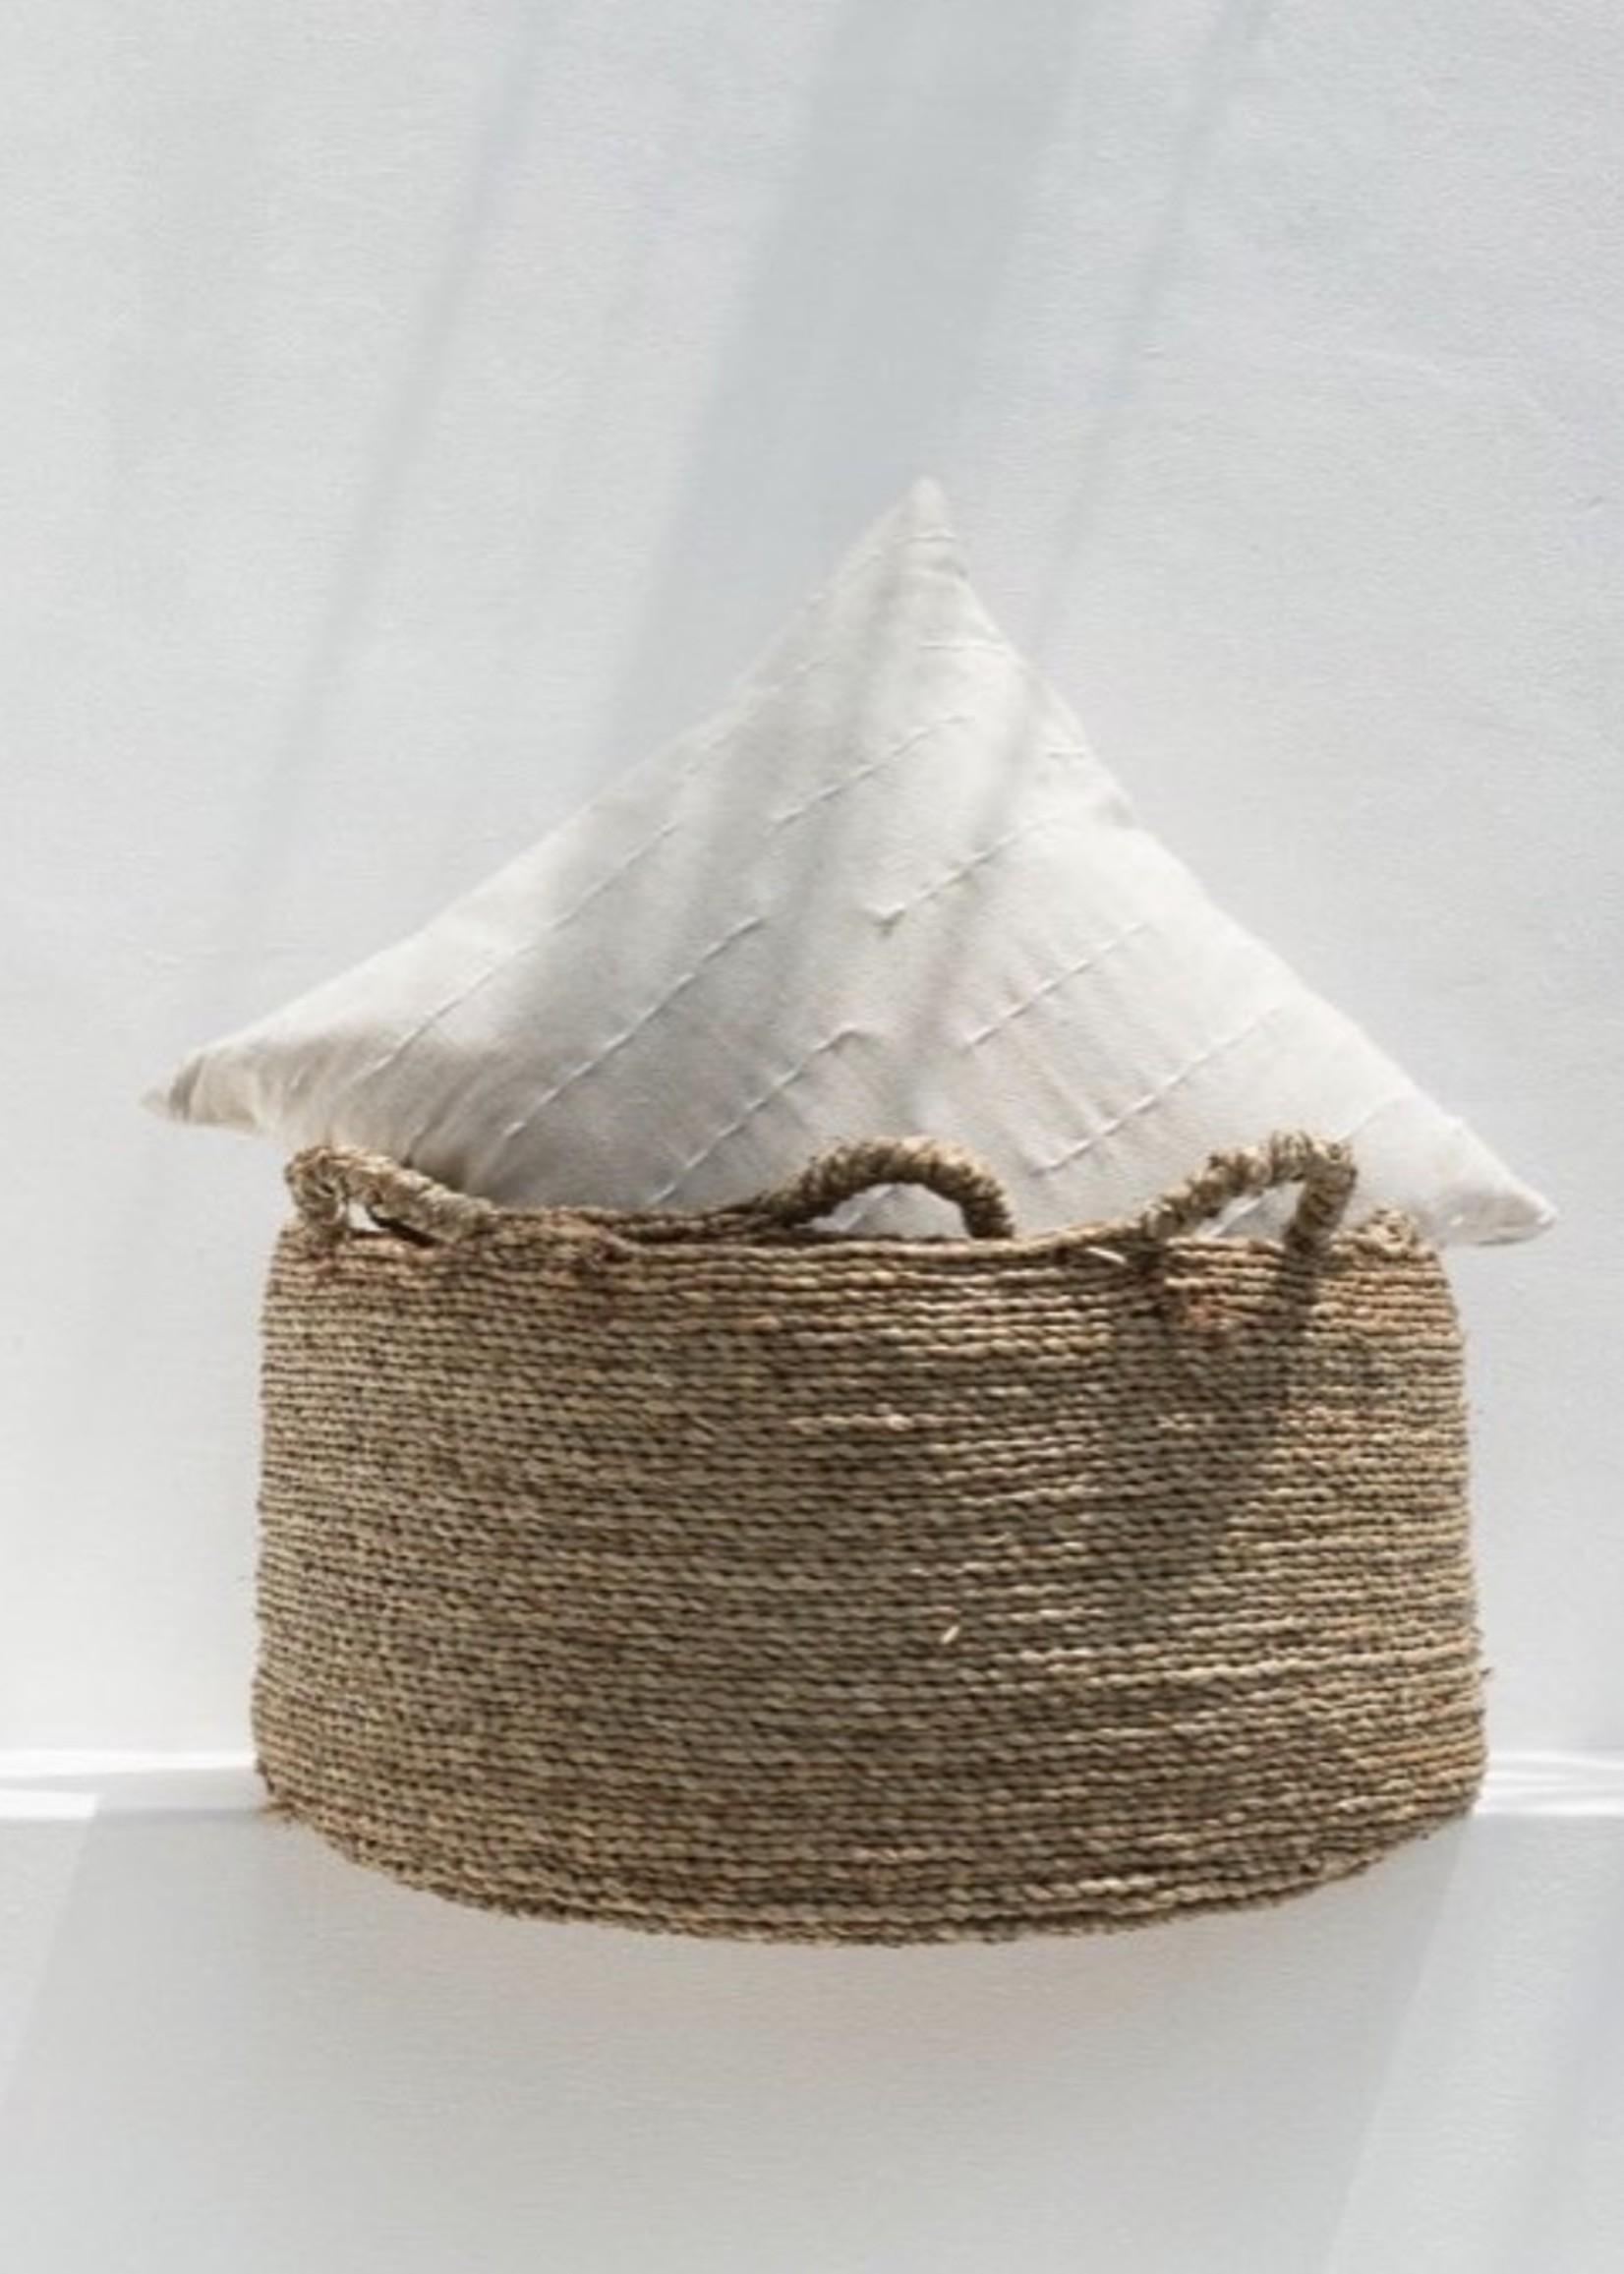 Les Quatre Mains Baskets - Natural - M